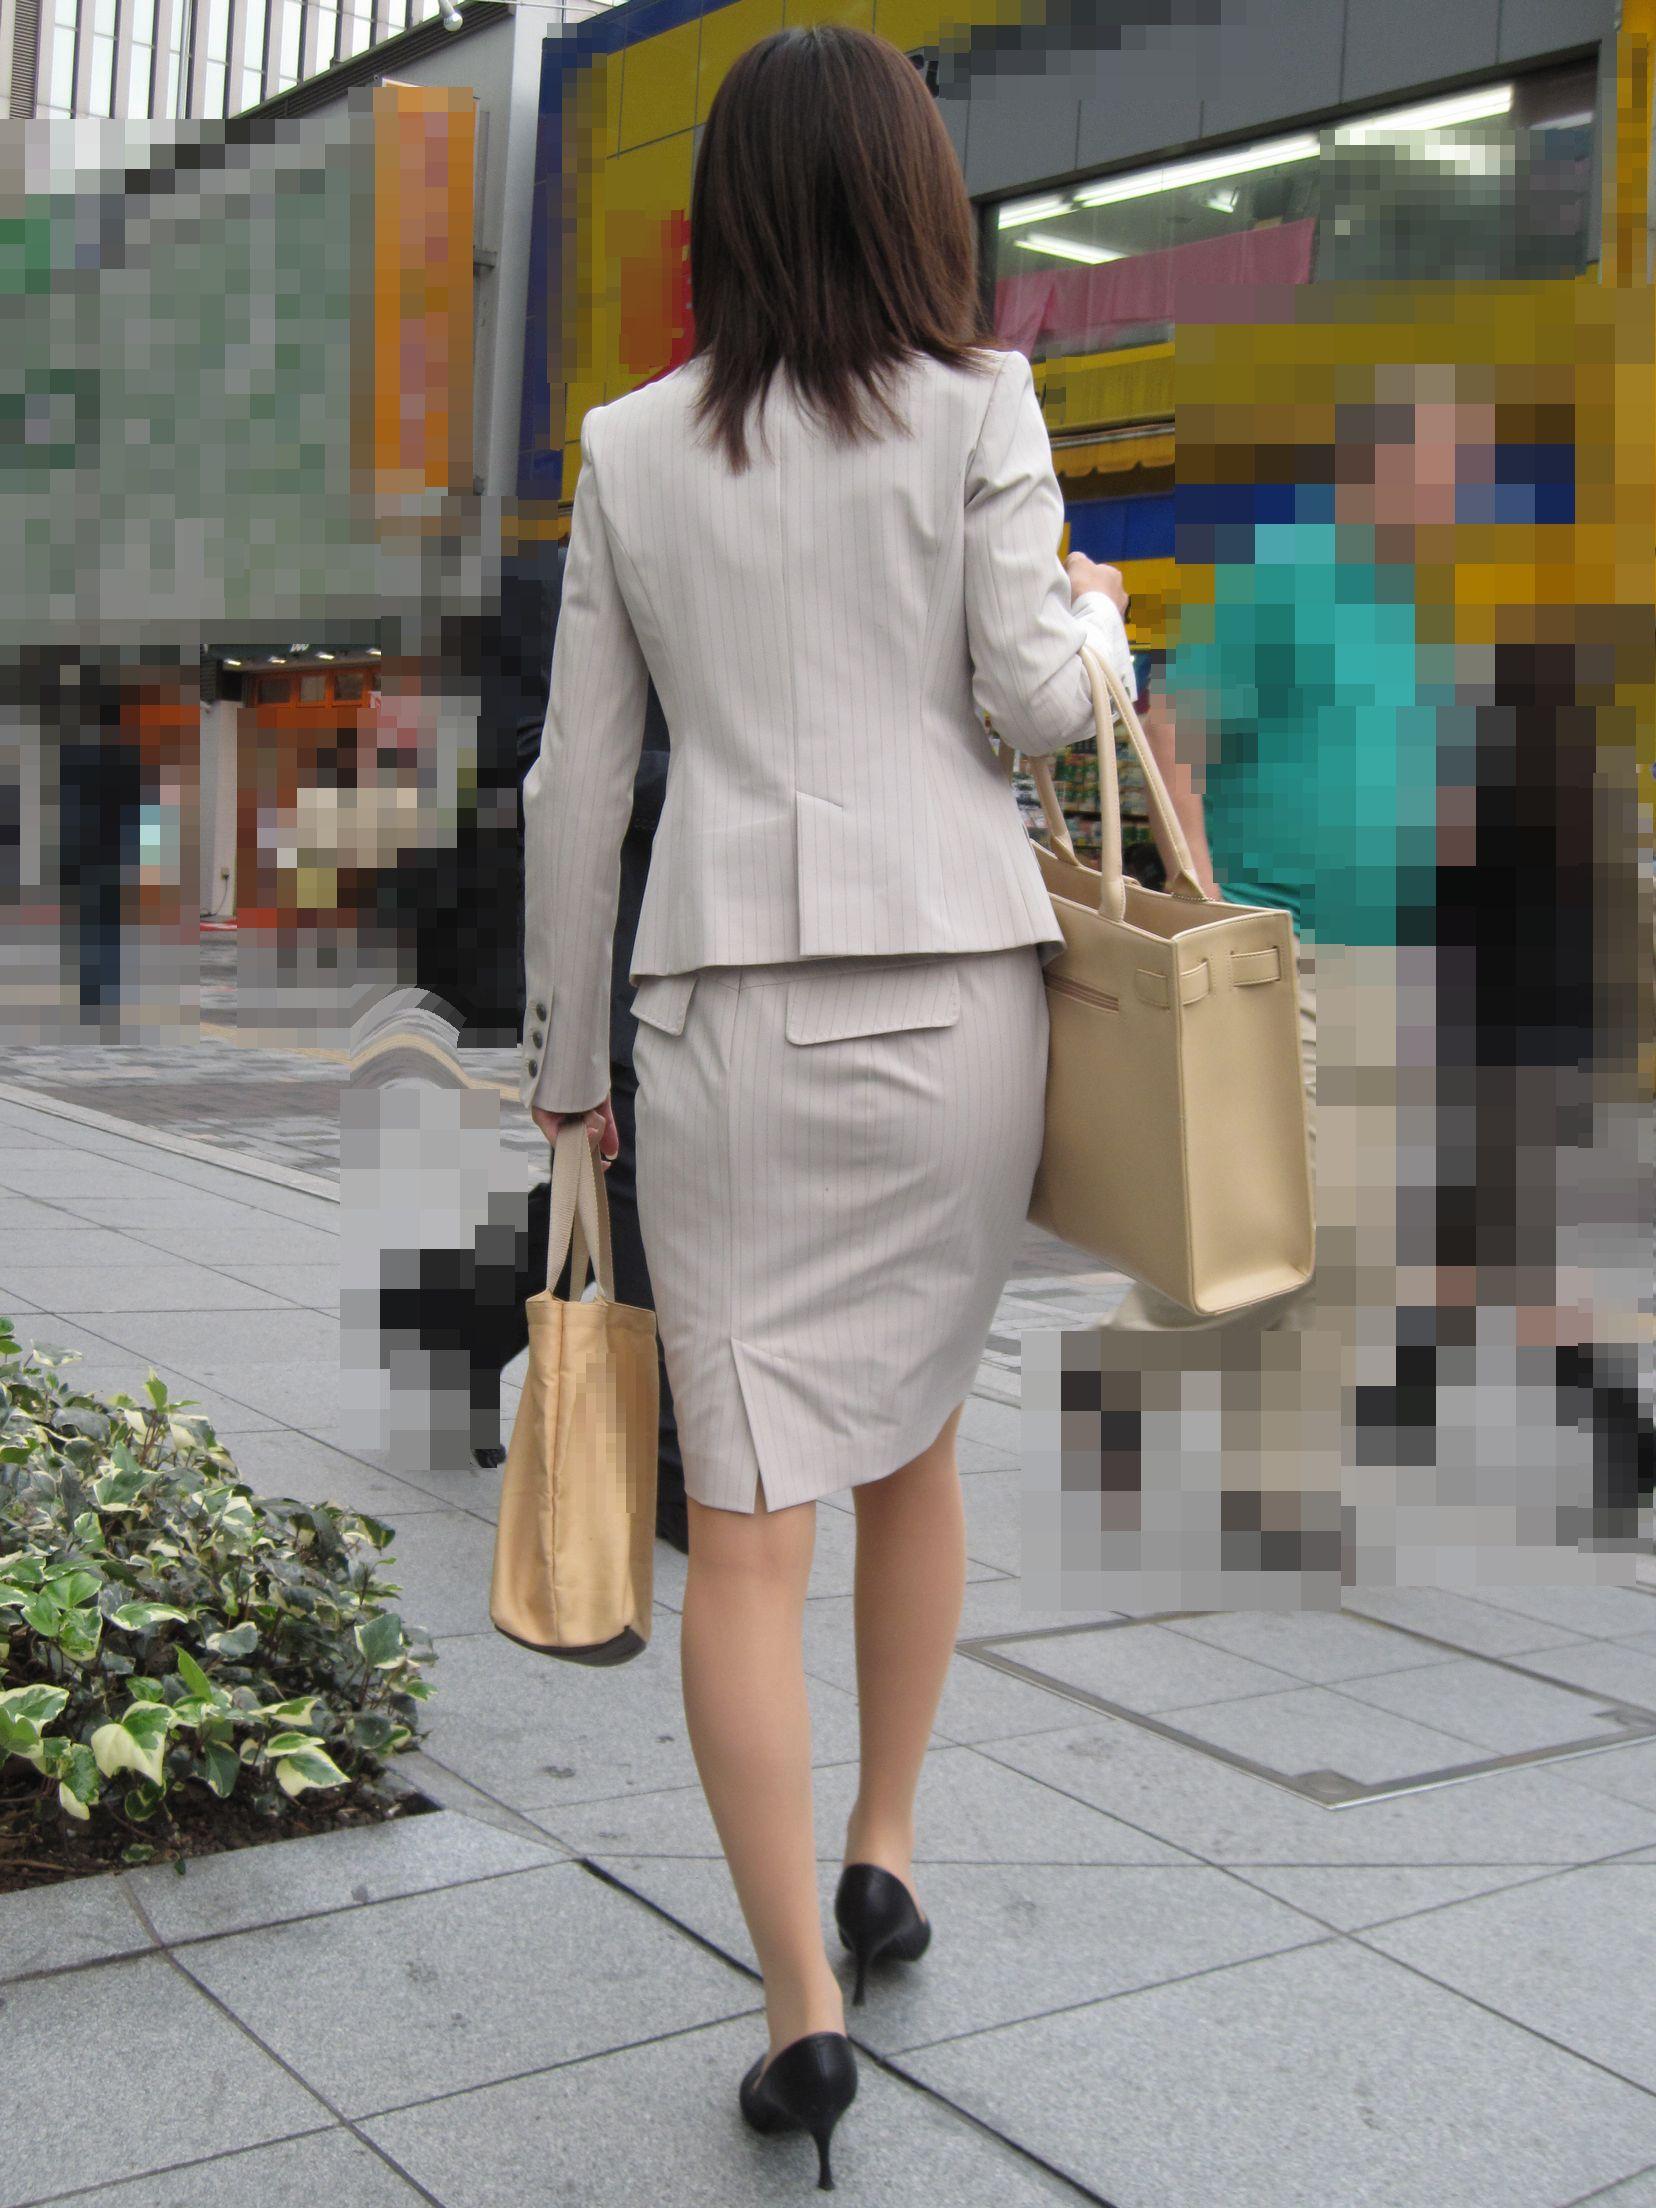 【街撮りOL画像】思わず追跡したwwwタイトスカートに包まれたムチムチ尻 17